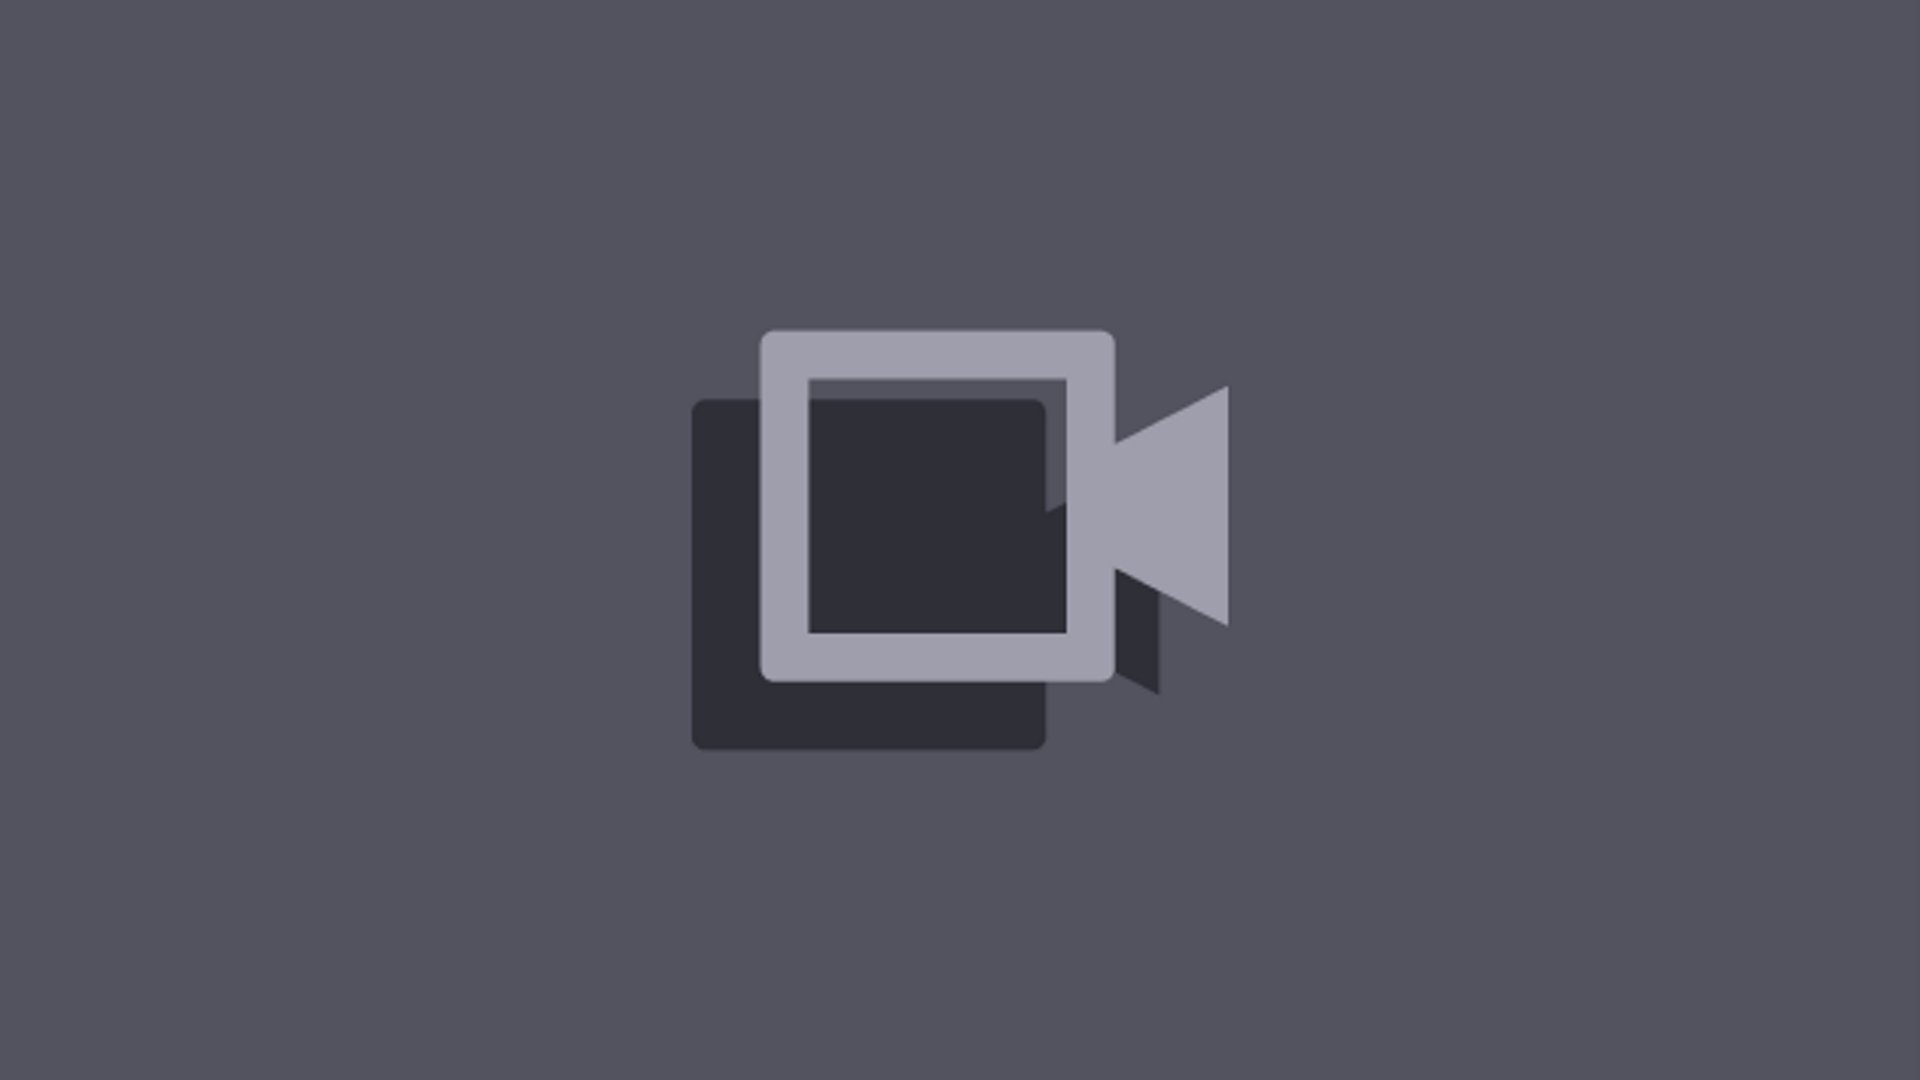 TVGAMERPROGRAM